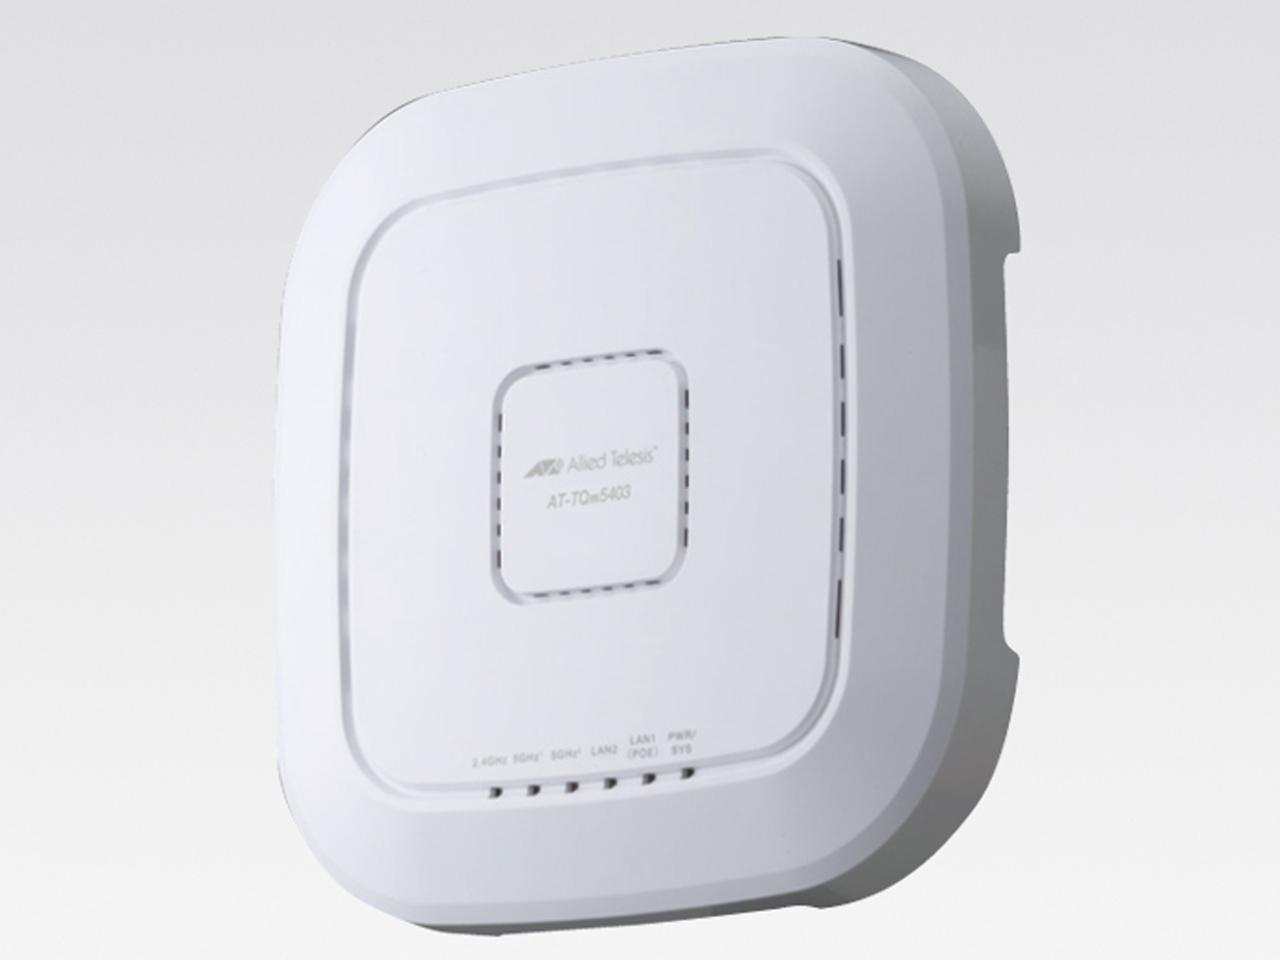 アライドテレシス AT-TQm5403-Z5 [IEEE802.11a/b/g/n/ac対応 無線LANアクセスポイント、10/100/1000BASE-Tx1、10/100/1000BASE-T(PoE-IN)x1(デリバリースタンダード保守5年付)](3910RZ5)【smtb-s】